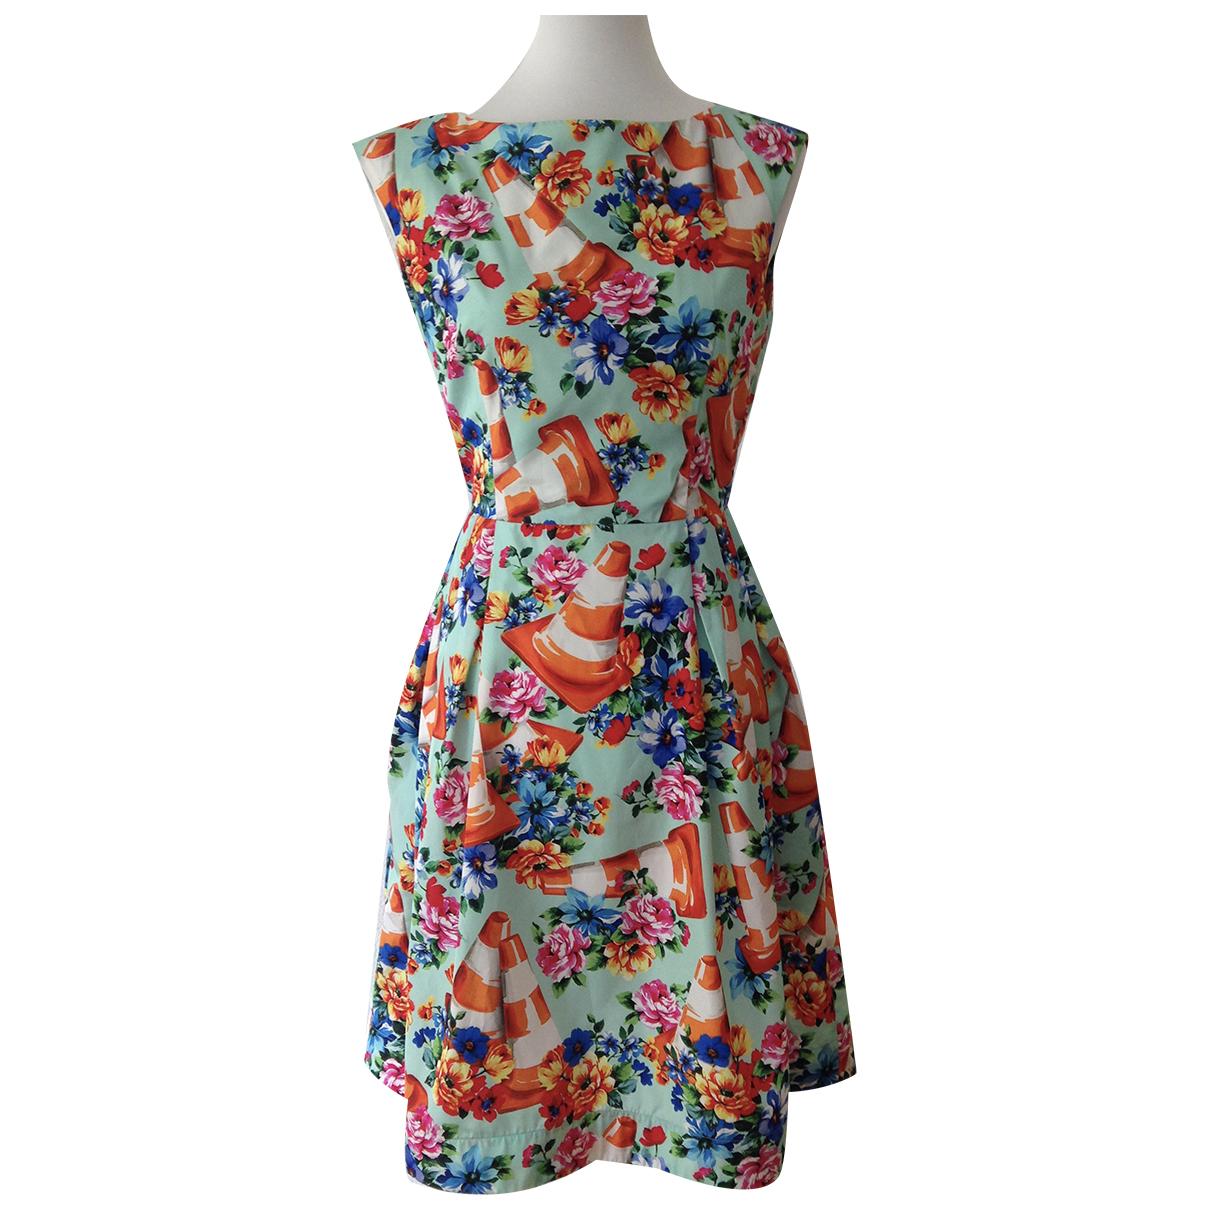 Moschino \N Kleid in  Bunt Viskose